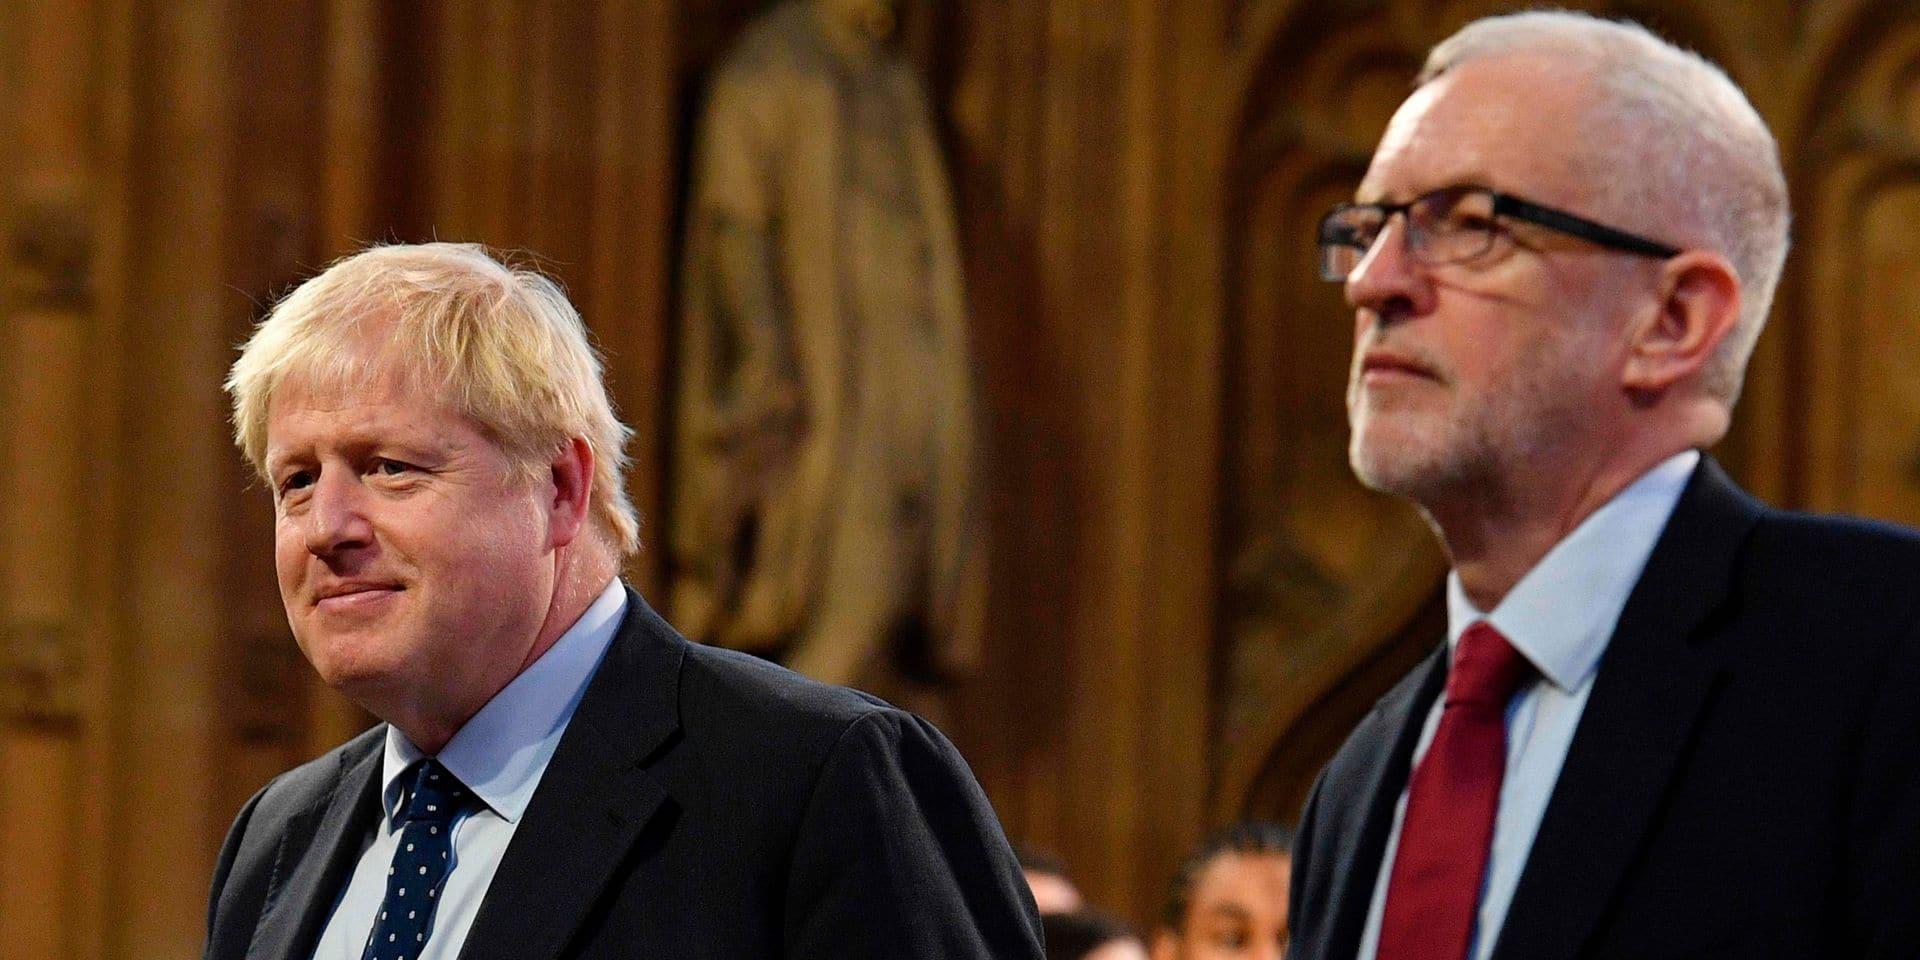 Alors que le Brexit aurait dû avoir lieu ce jeudi, le ton monte entre Boris Johnson et Jeremy Corbyn